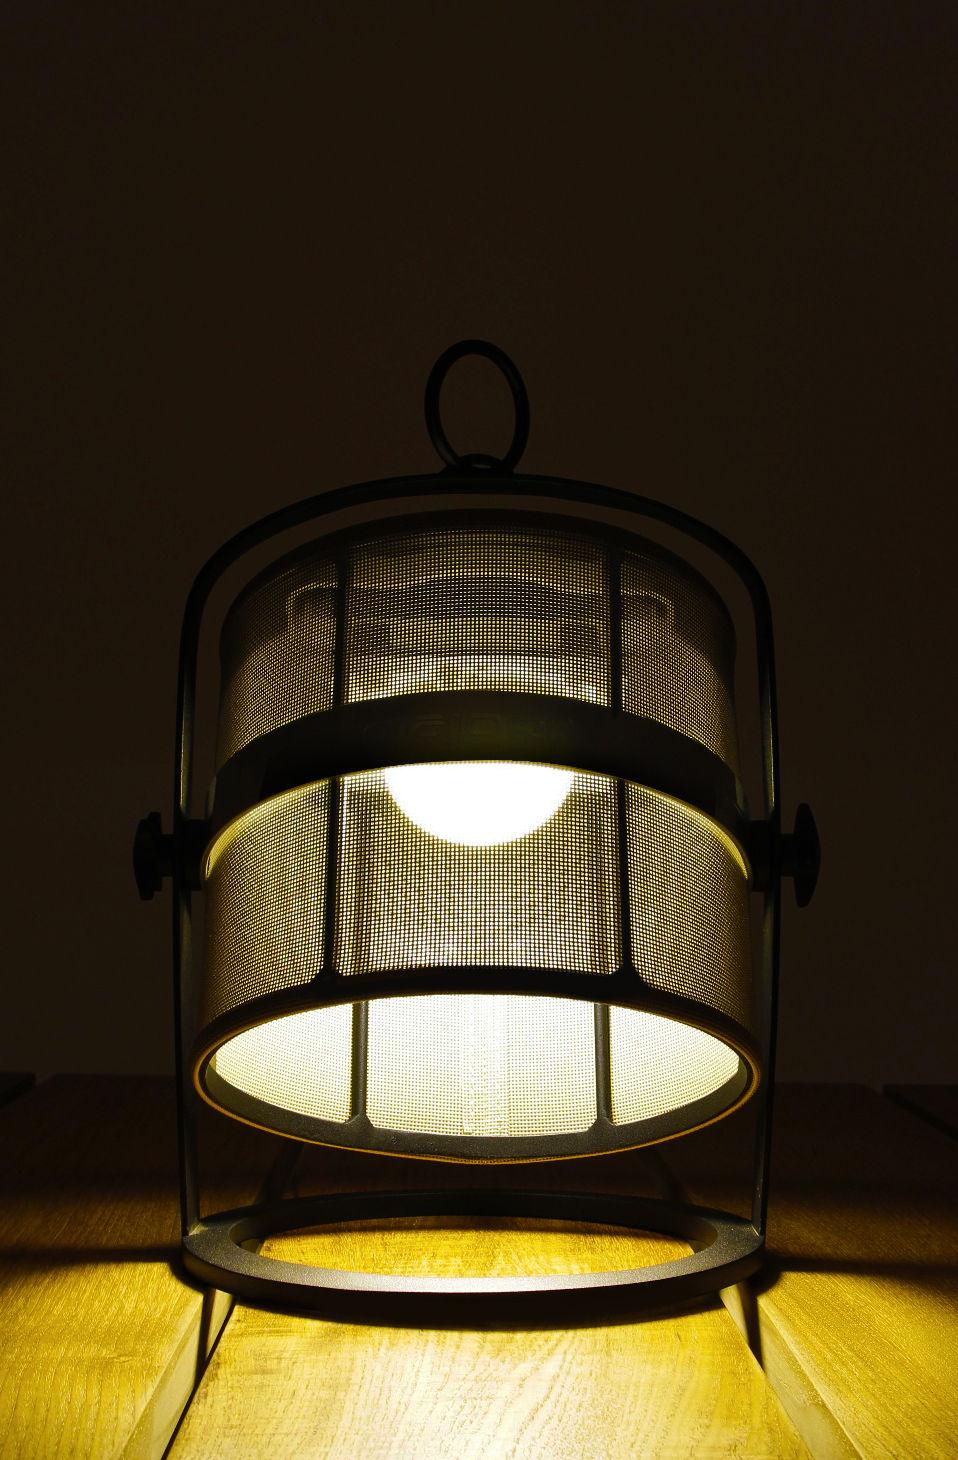 lampe solaire la lampe petite led sans fil structure noire bleu royal structure noire. Black Bedroom Furniture Sets. Home Design Ideas